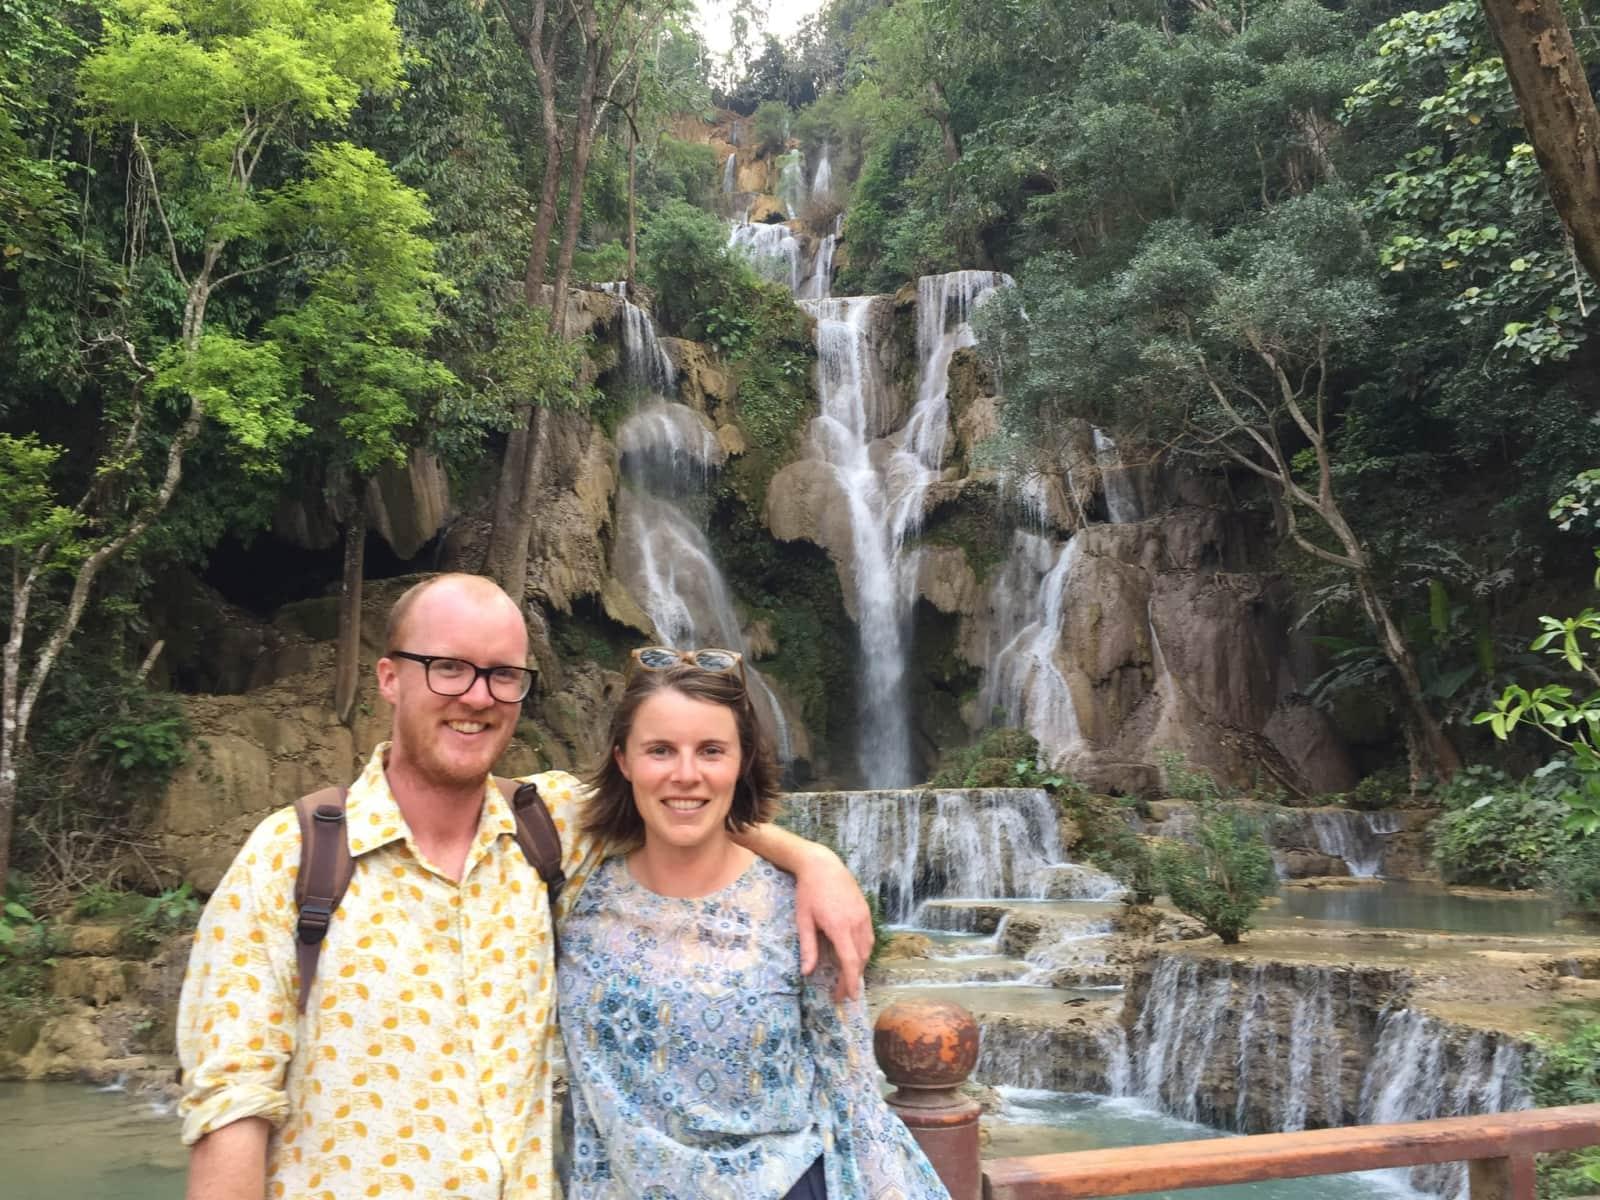 Bridget & Fabian from Warrnambool, Victoria, Australia